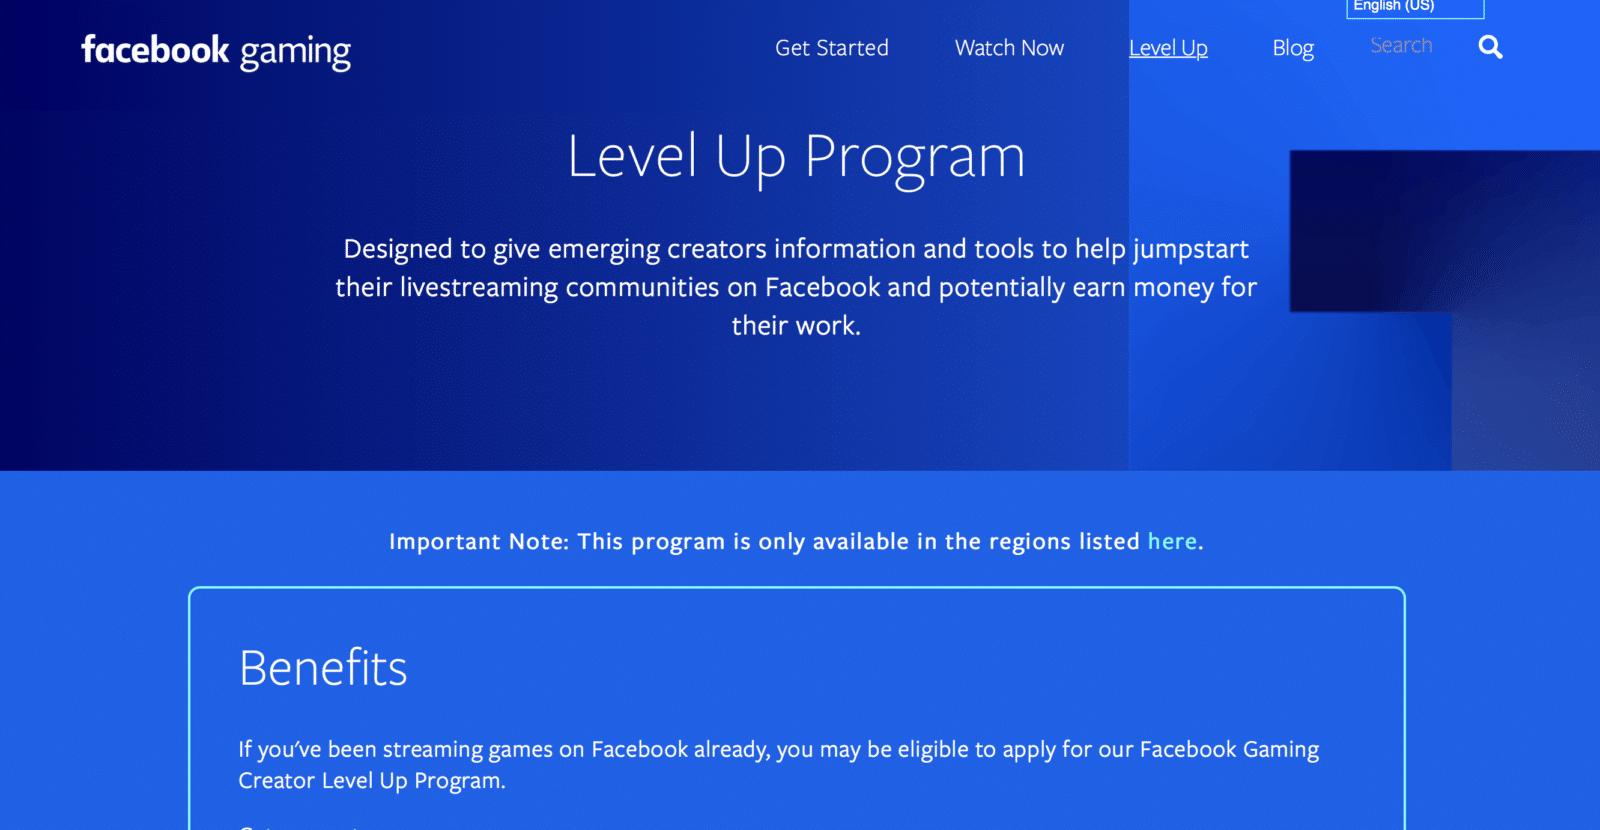 เปิดให้ใช้แล้ว Facebook Gaming สตรีมเกม รับบริจาค ได้เงินจริง ข้อดี + วิธีสมัคร